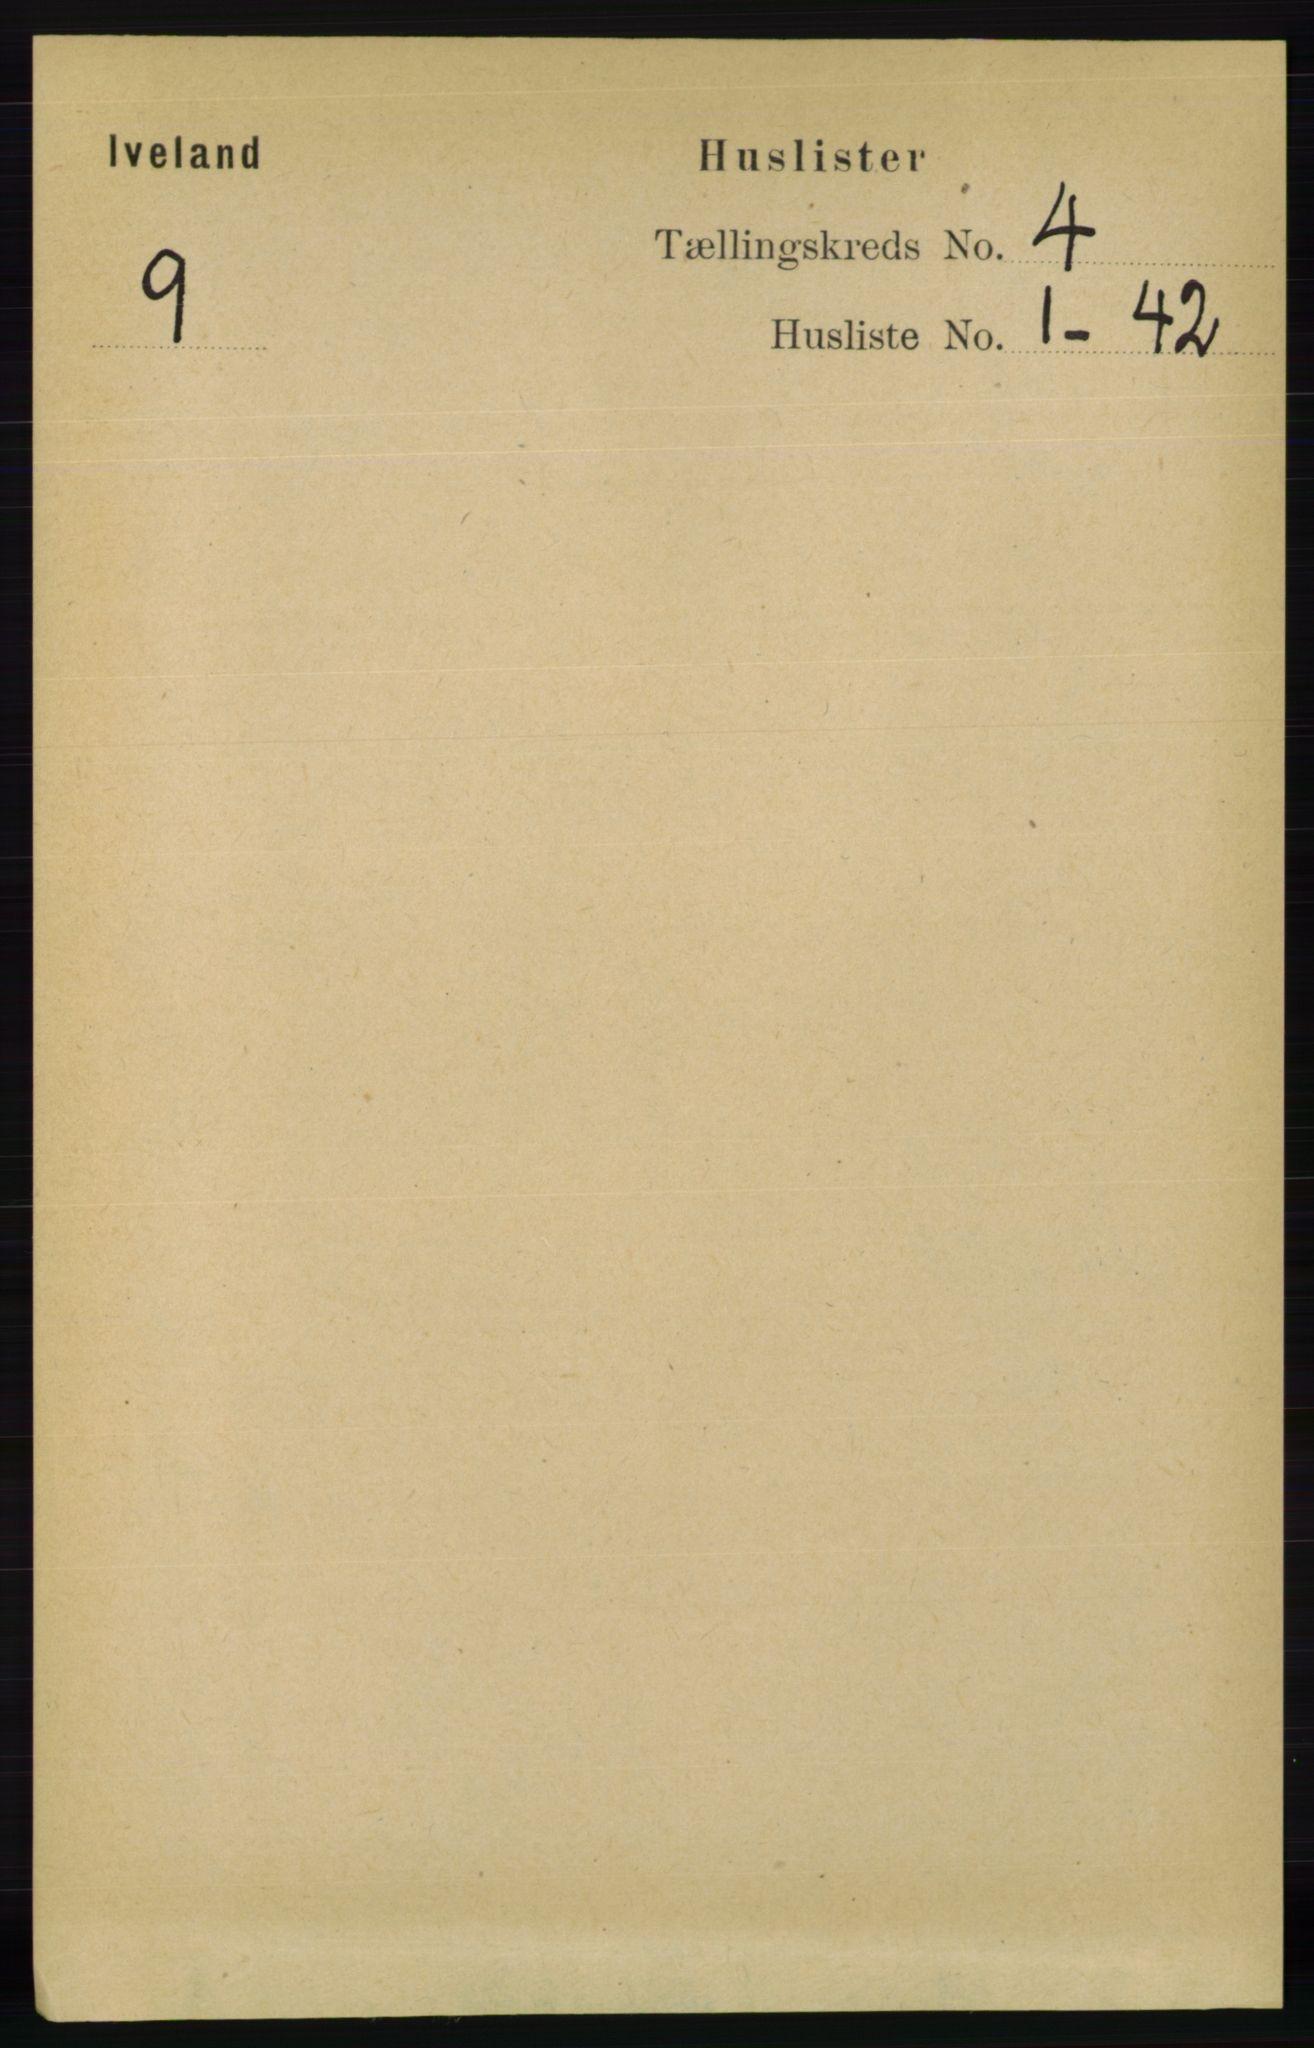 RA, Folketelling 1891 for 0935 Iveland herred, 1891, s. 978